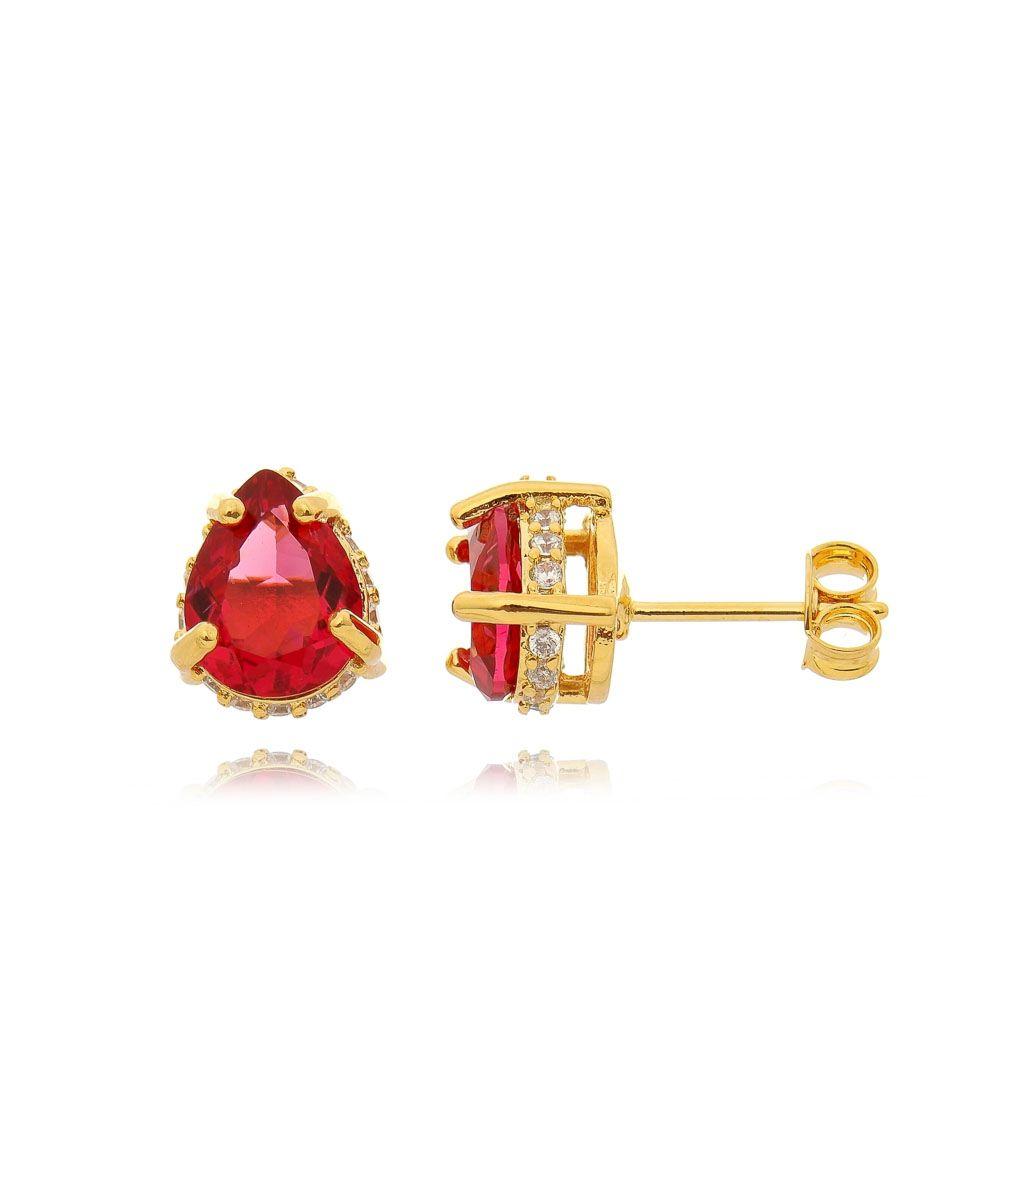 Brinco gotinha mini folheado a ouro zirconia rubi galeria cravejada semi  joias 5a8a4202b6